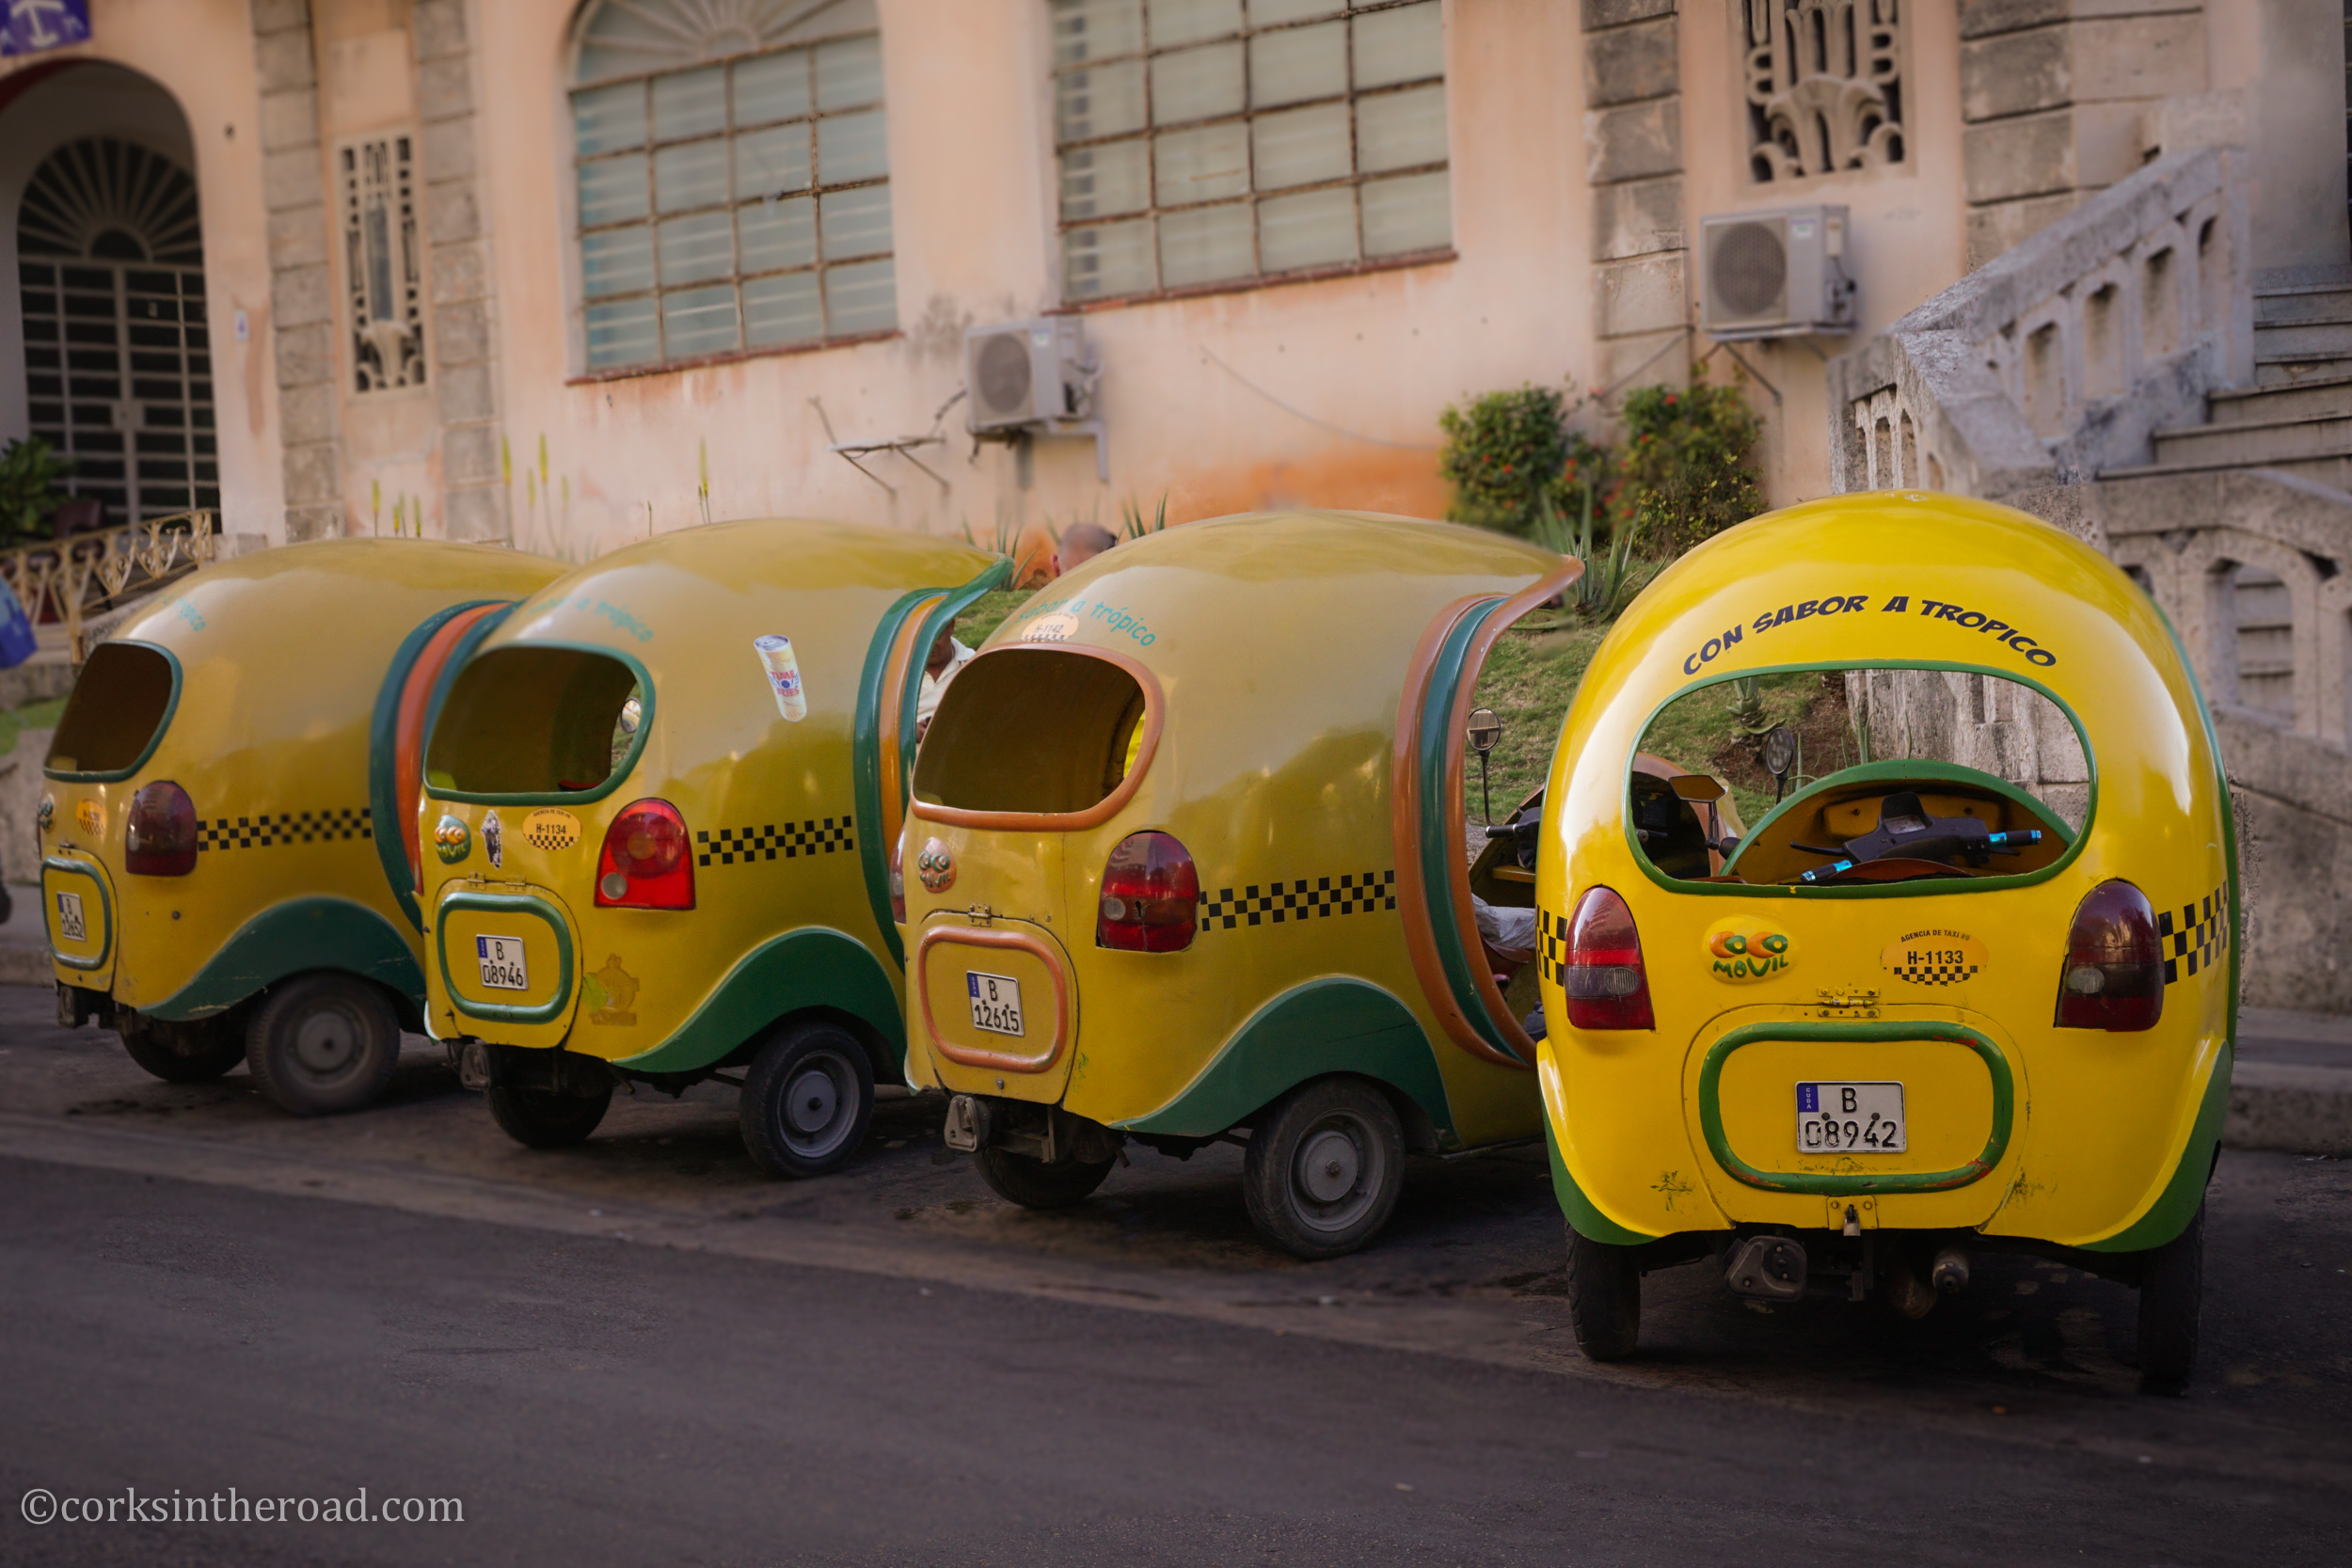 Cars, Corksintheroad, Cuba, Havana-11.jpg